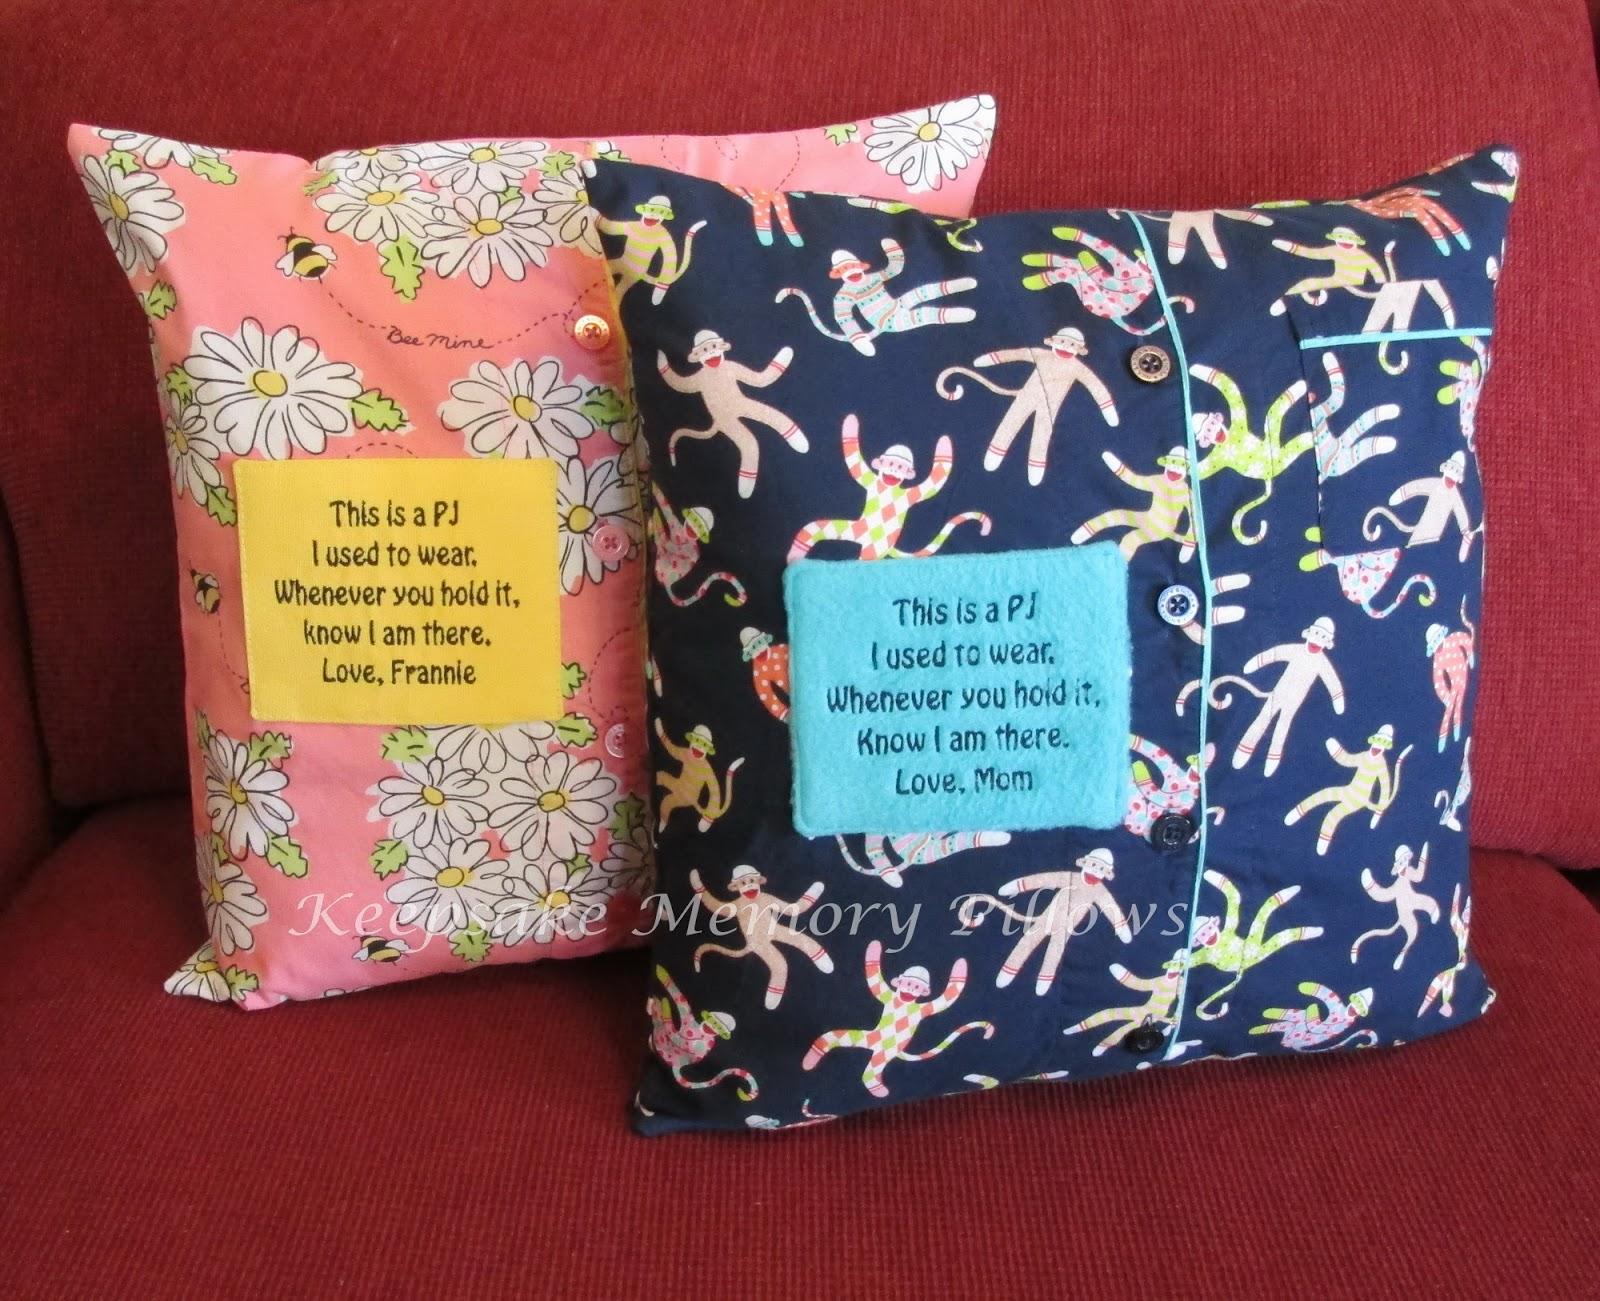 keepsake memory pillows